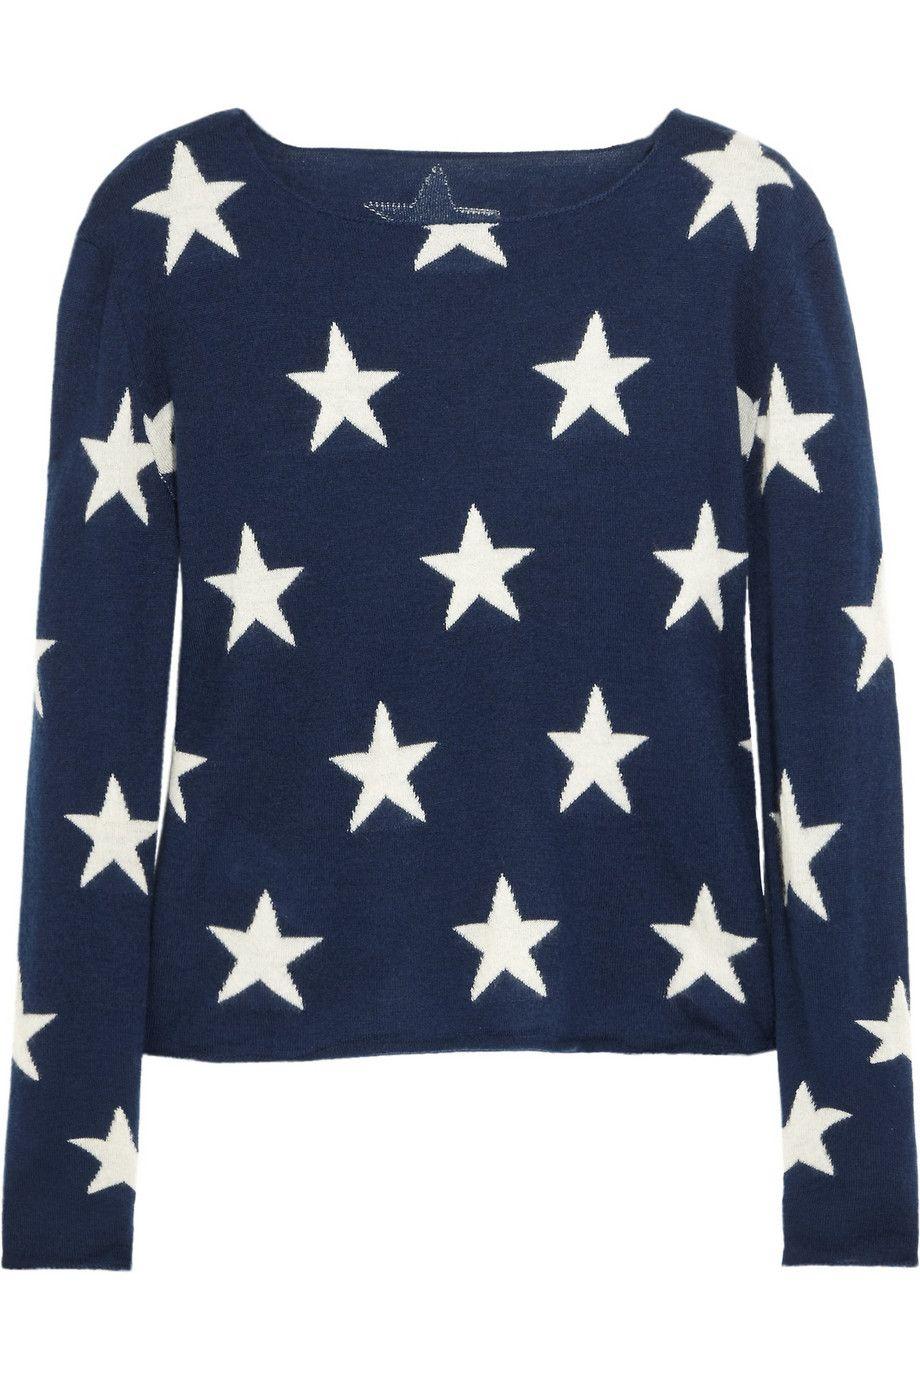 Banjo u Matilda  Starintarsia cashmere sweater  NETAPORTERCOM